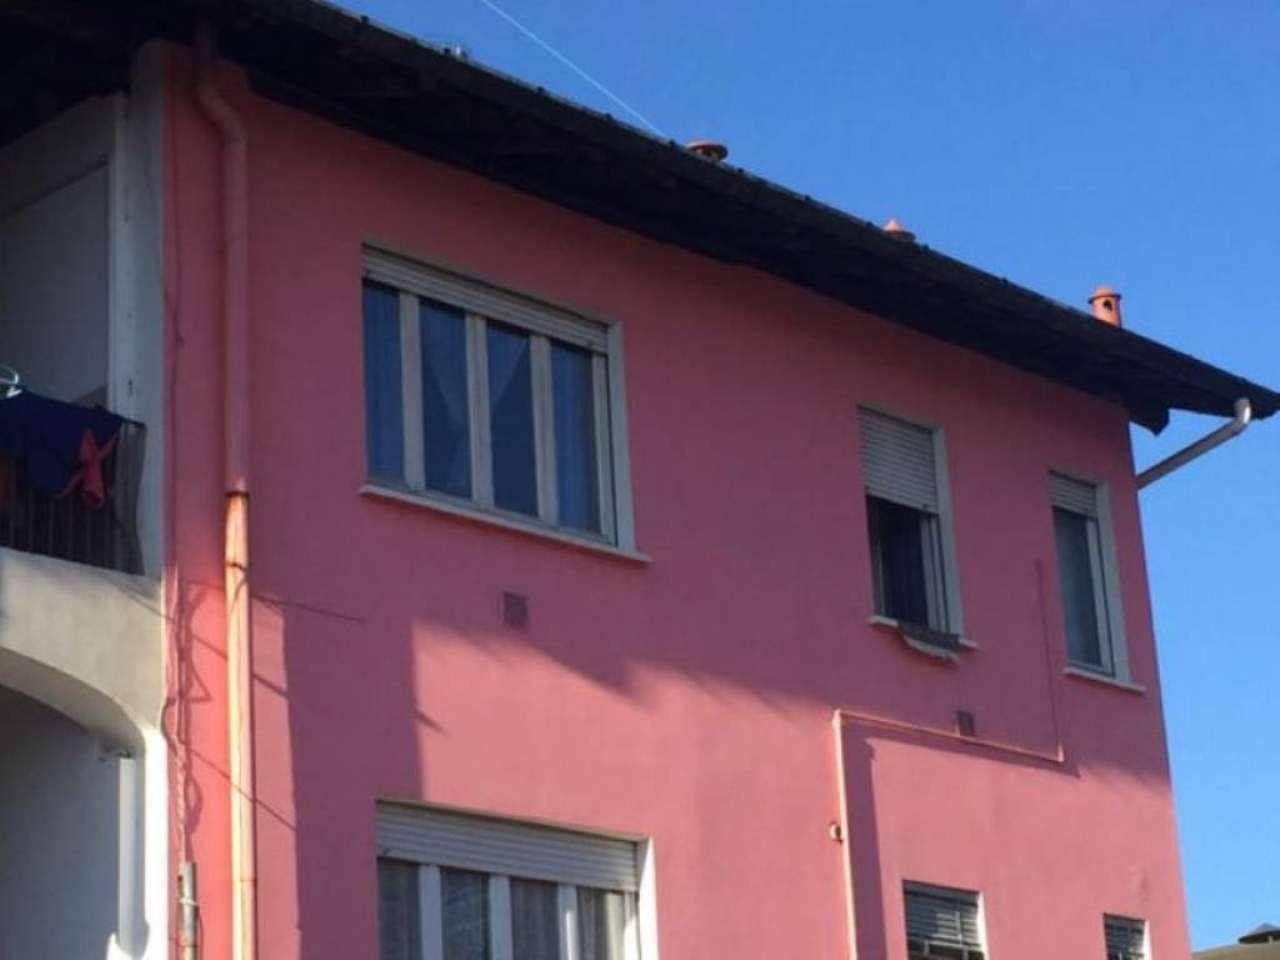 Appartamento in vendita a Castronno, 3 locali, prezzo € 70.000 | Cambio Casa.it